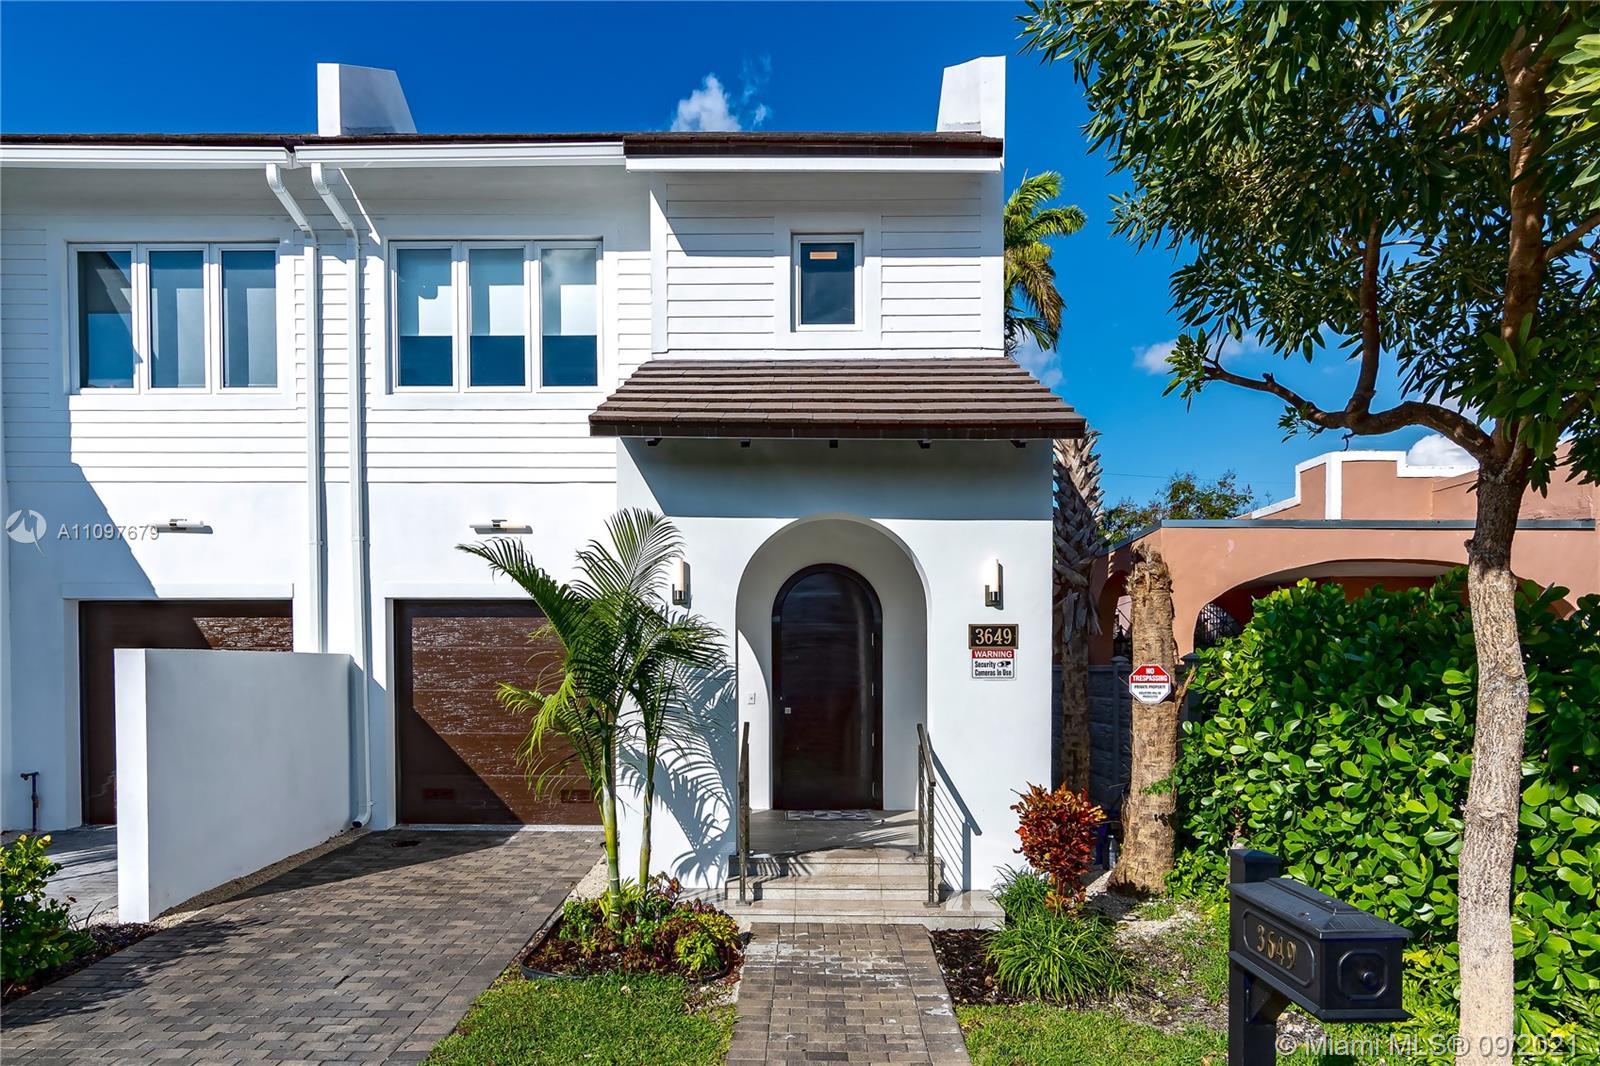 Urban Villas by MIracle Mi,Urban Villas Condo,For Rent,Urban Villas by MIracle Mi,Urban Villas Brickell,realty,broker,condos near me